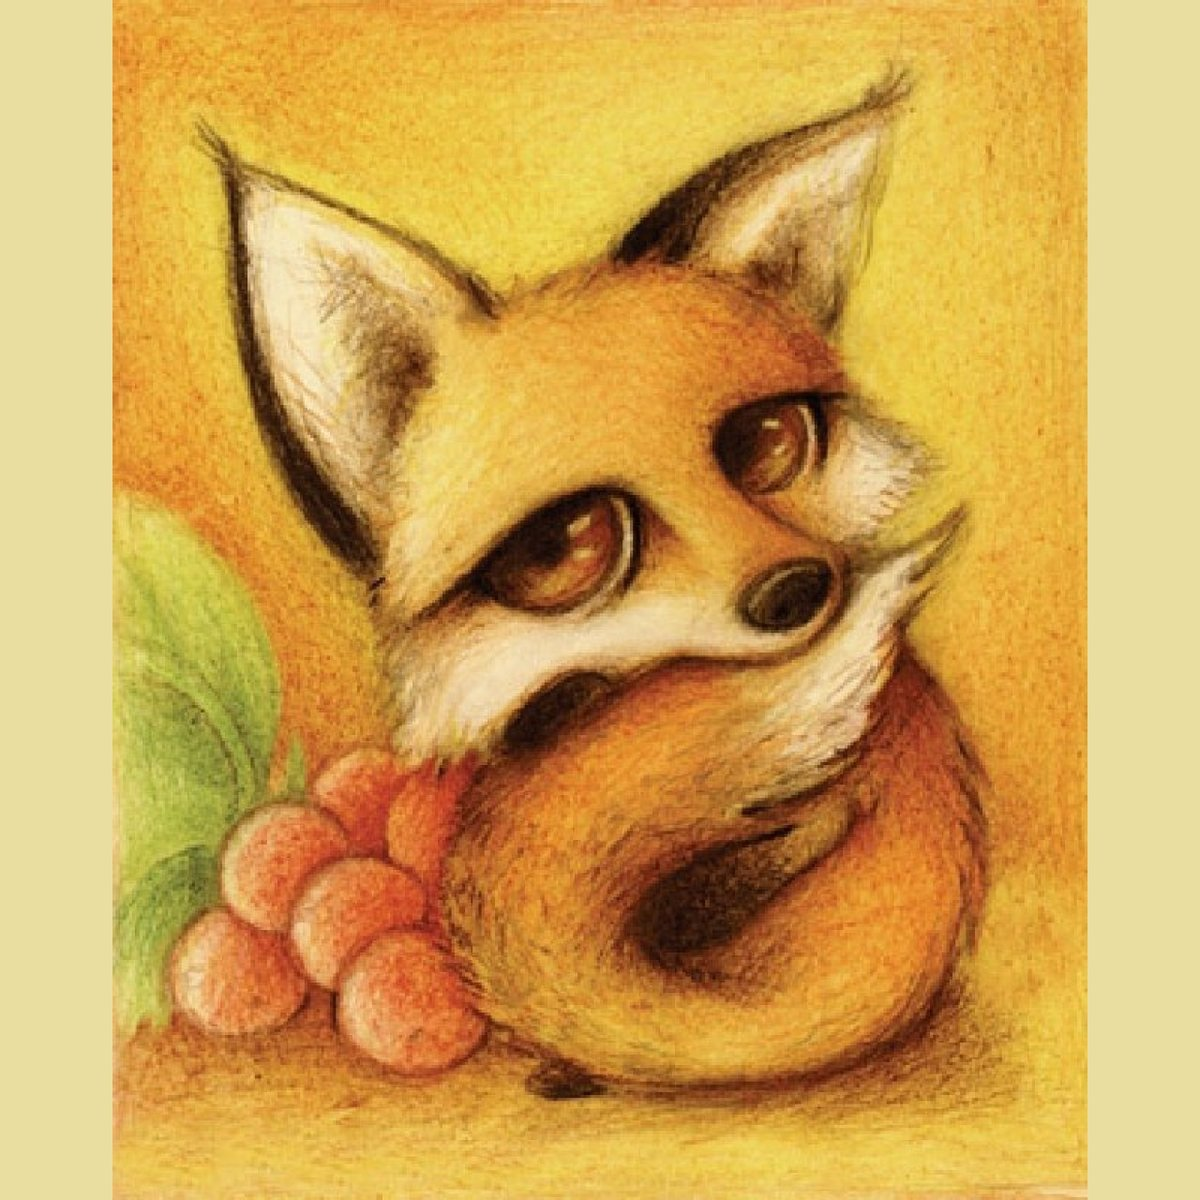 Картинки милых животных для срисовки